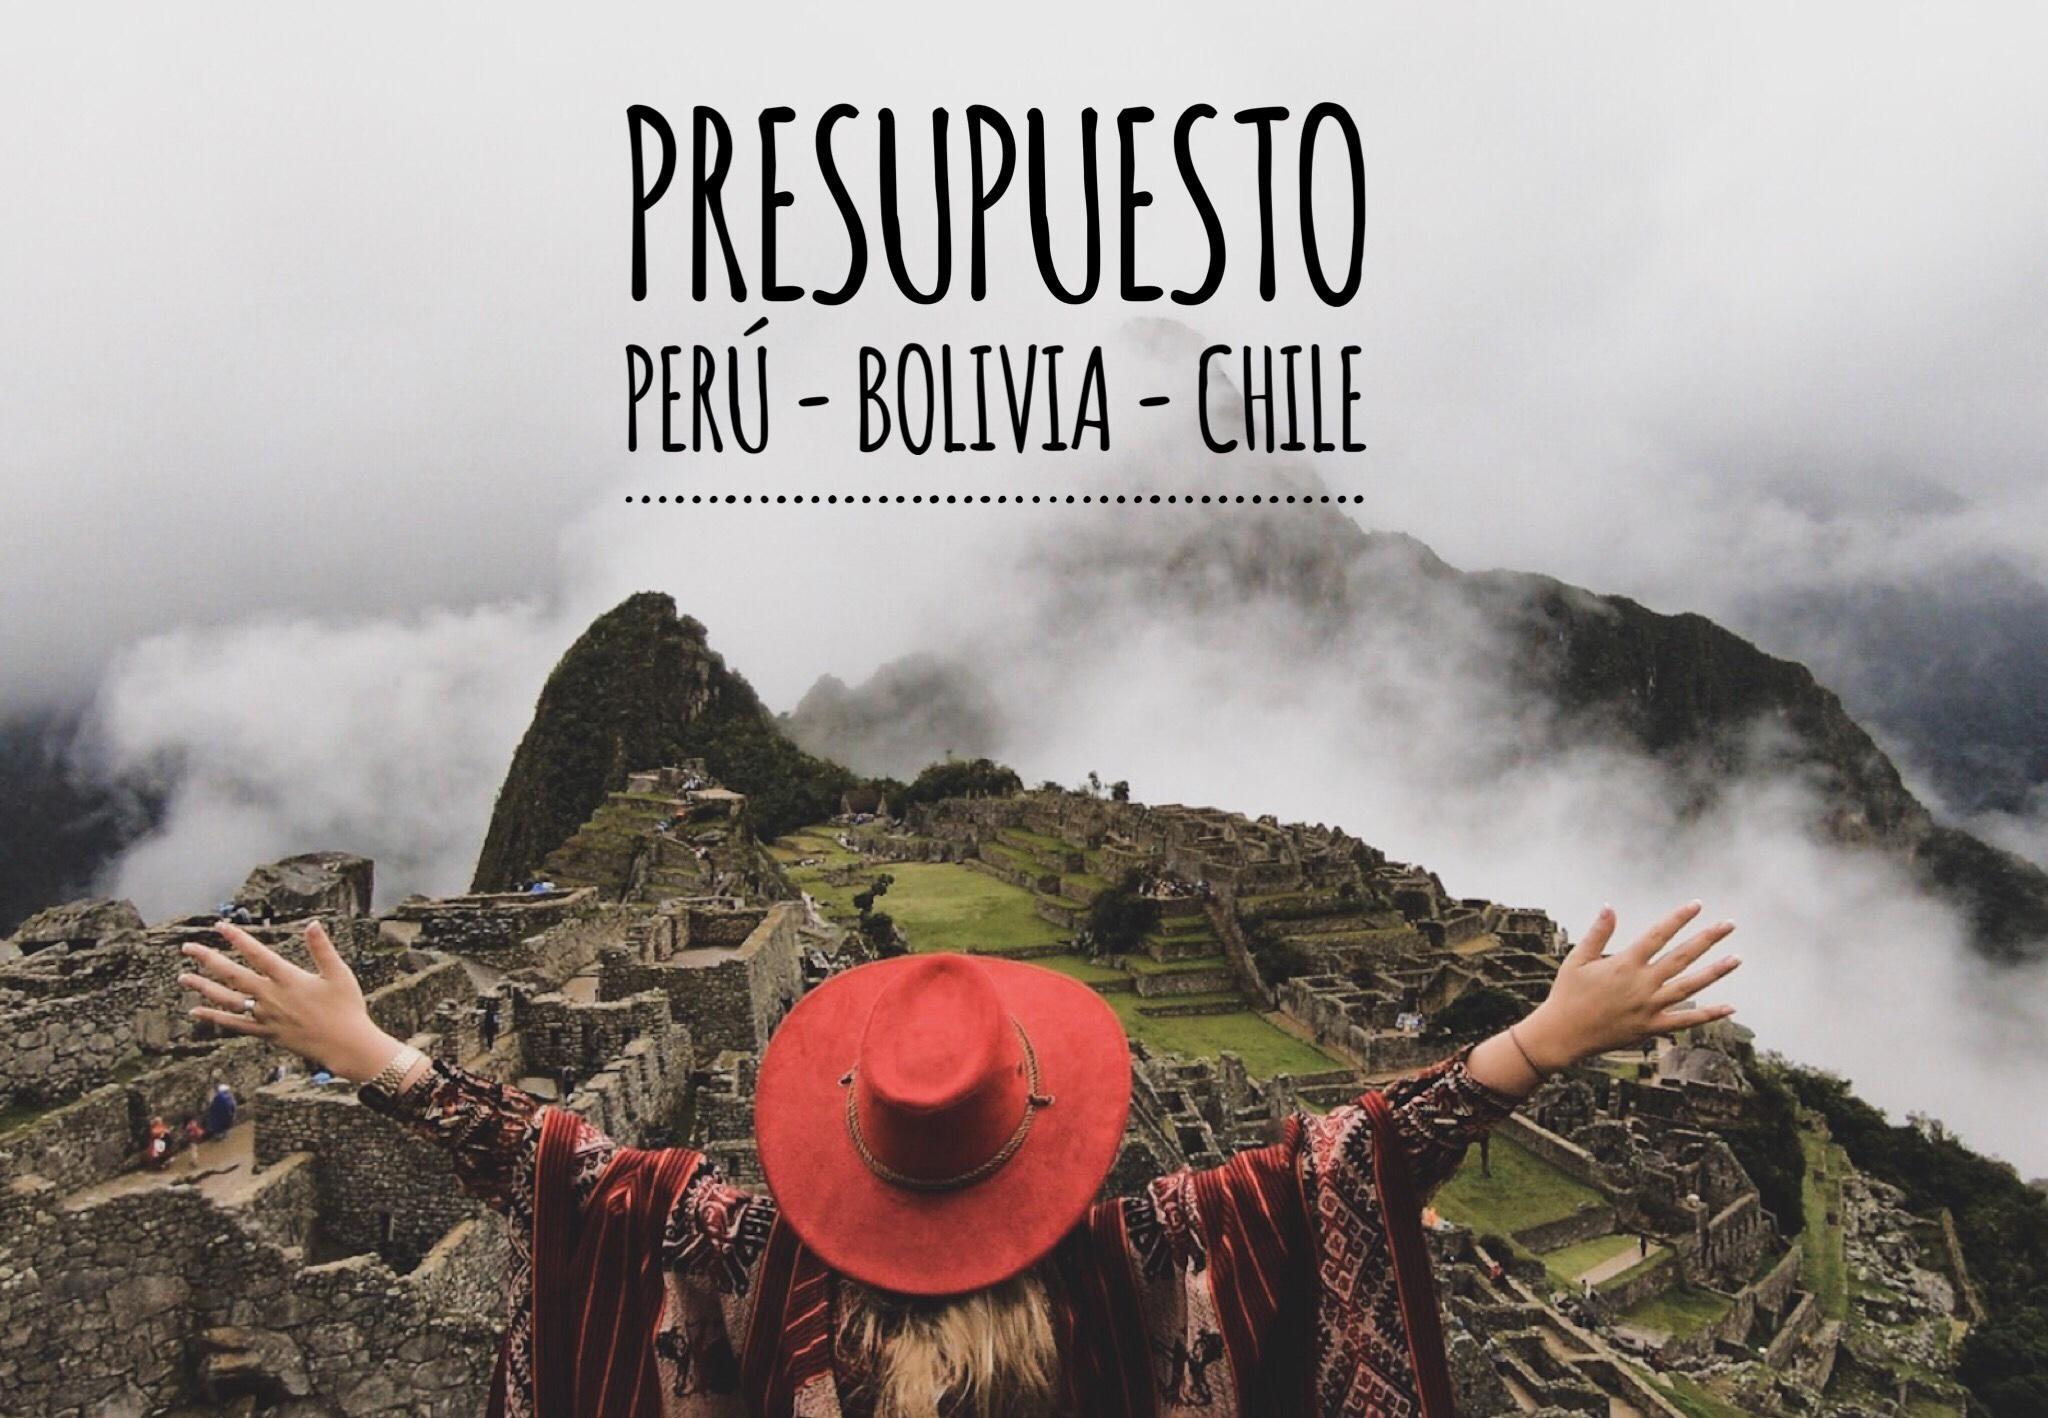 PRESUPUESTO PERÚ - BOLIVIA - CHILE